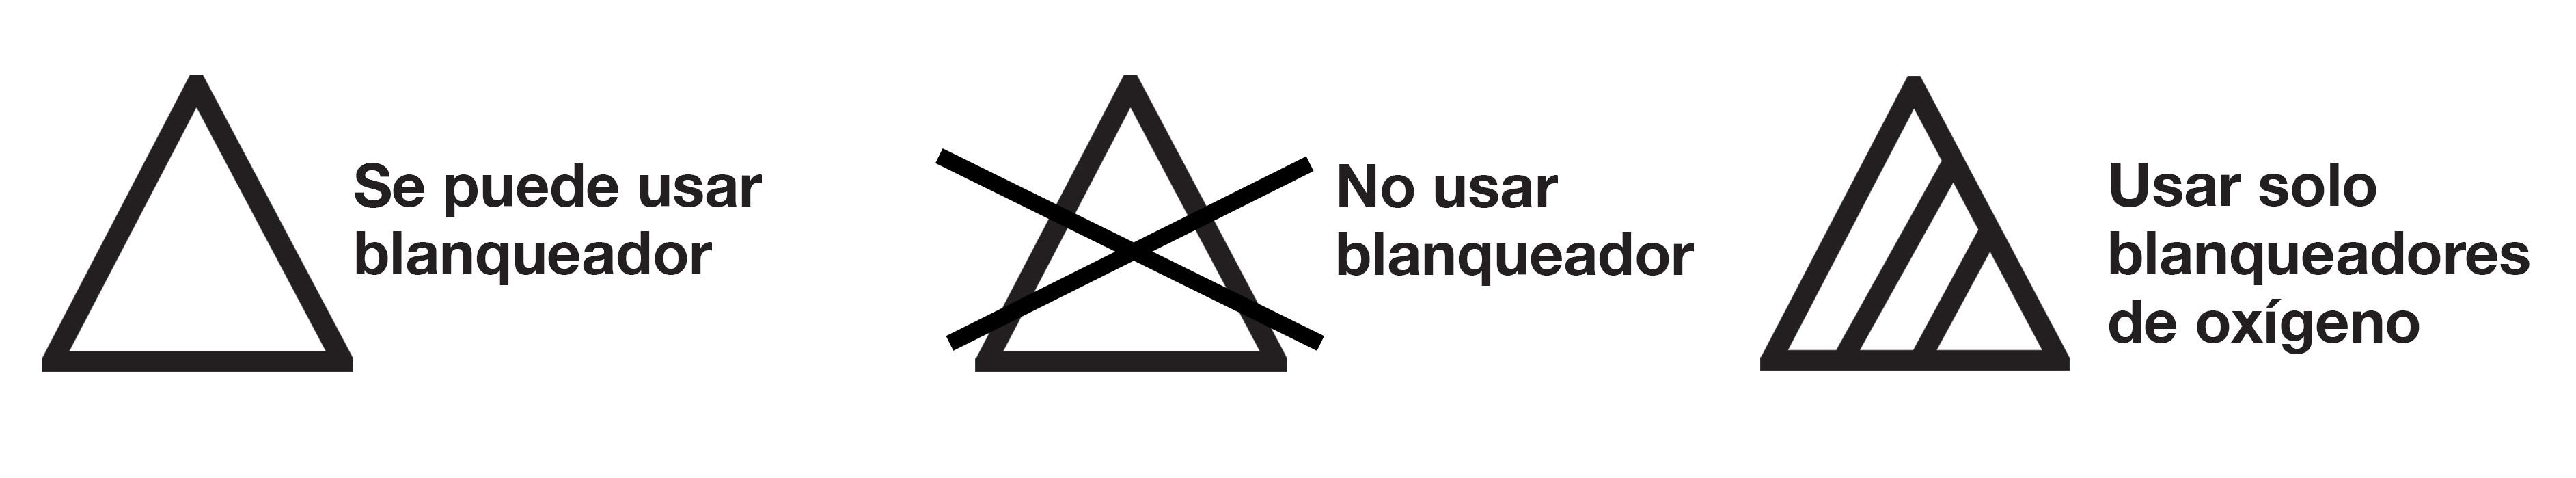 instrucciones-blanqueador